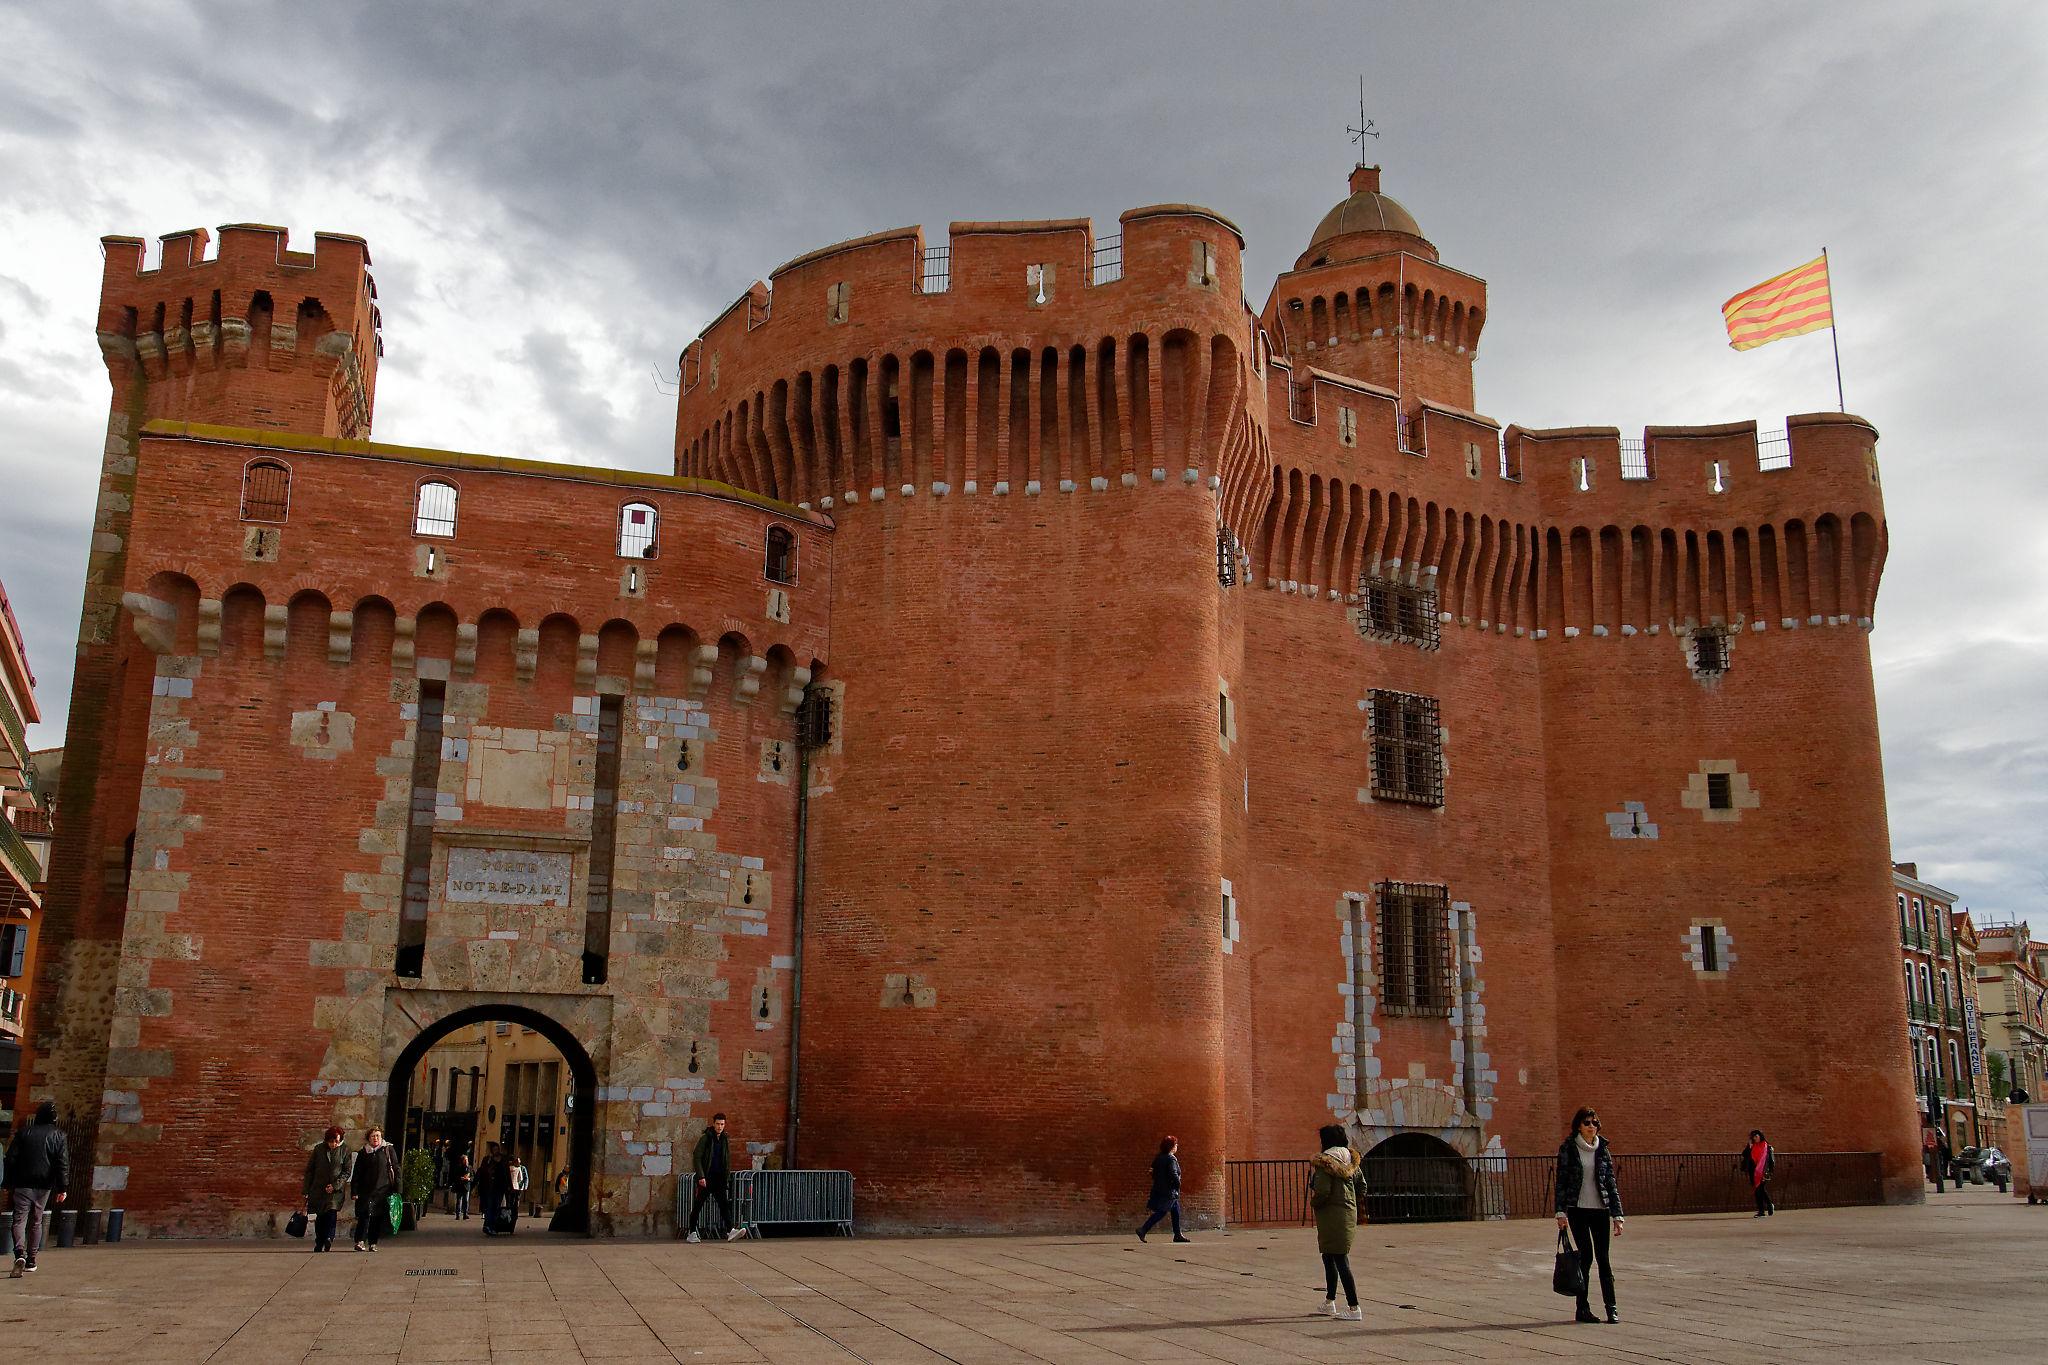 Le Castillet marque l'entrée de la vieille ville de Perpignan